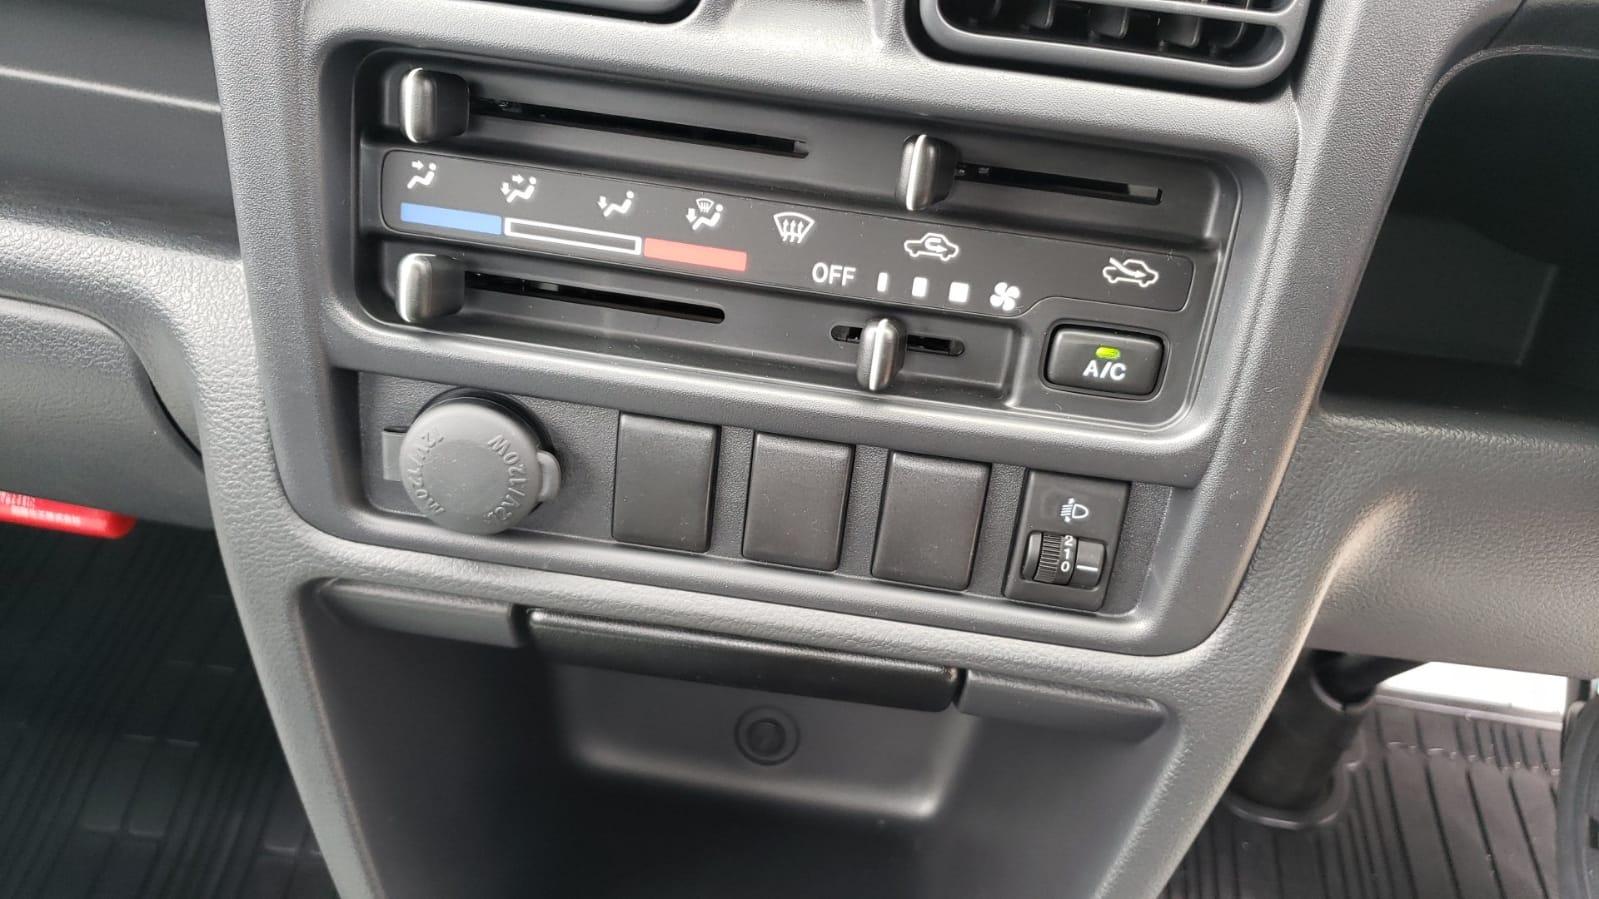 Mini Truck AC and heating